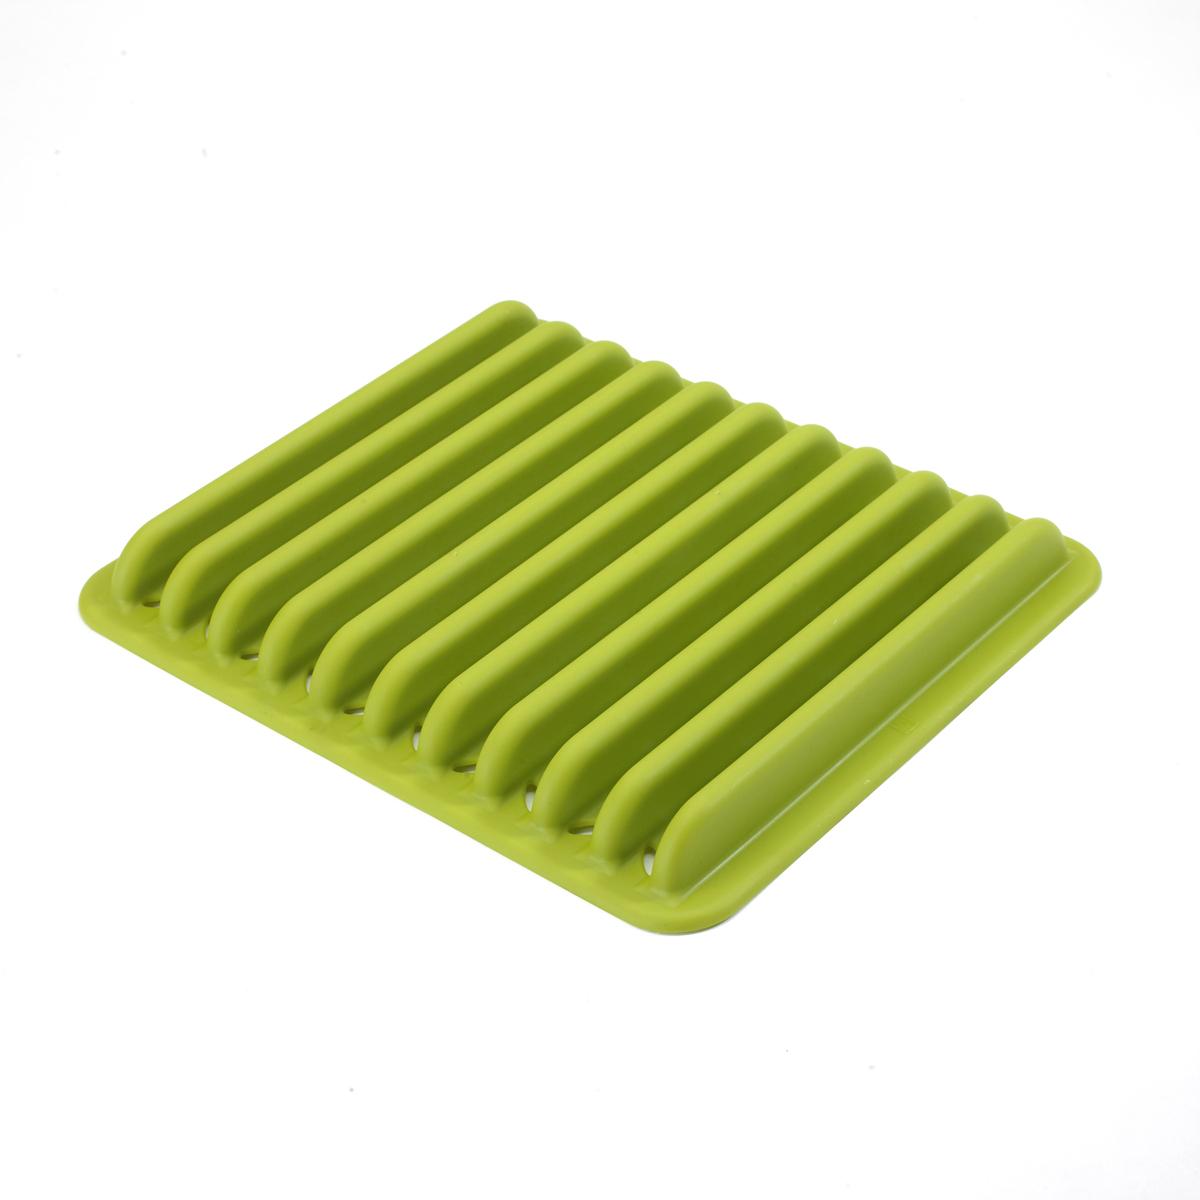 Сушилка из литого пластика, которая почти не занимает места при хранении. Высокие бортики выдержат даже большие тарелки из керамики. В основании предусмотрены отверстия для стока воды. Положите сушилку в раковину и сложите в неё вымытую посуду, она высохнет очень быстро, и для сушилки не придётся искать дополнительное место на кухонных поверхностях. Чисто, аккуратно и быстро. Дизайнер Mauricio Affonso